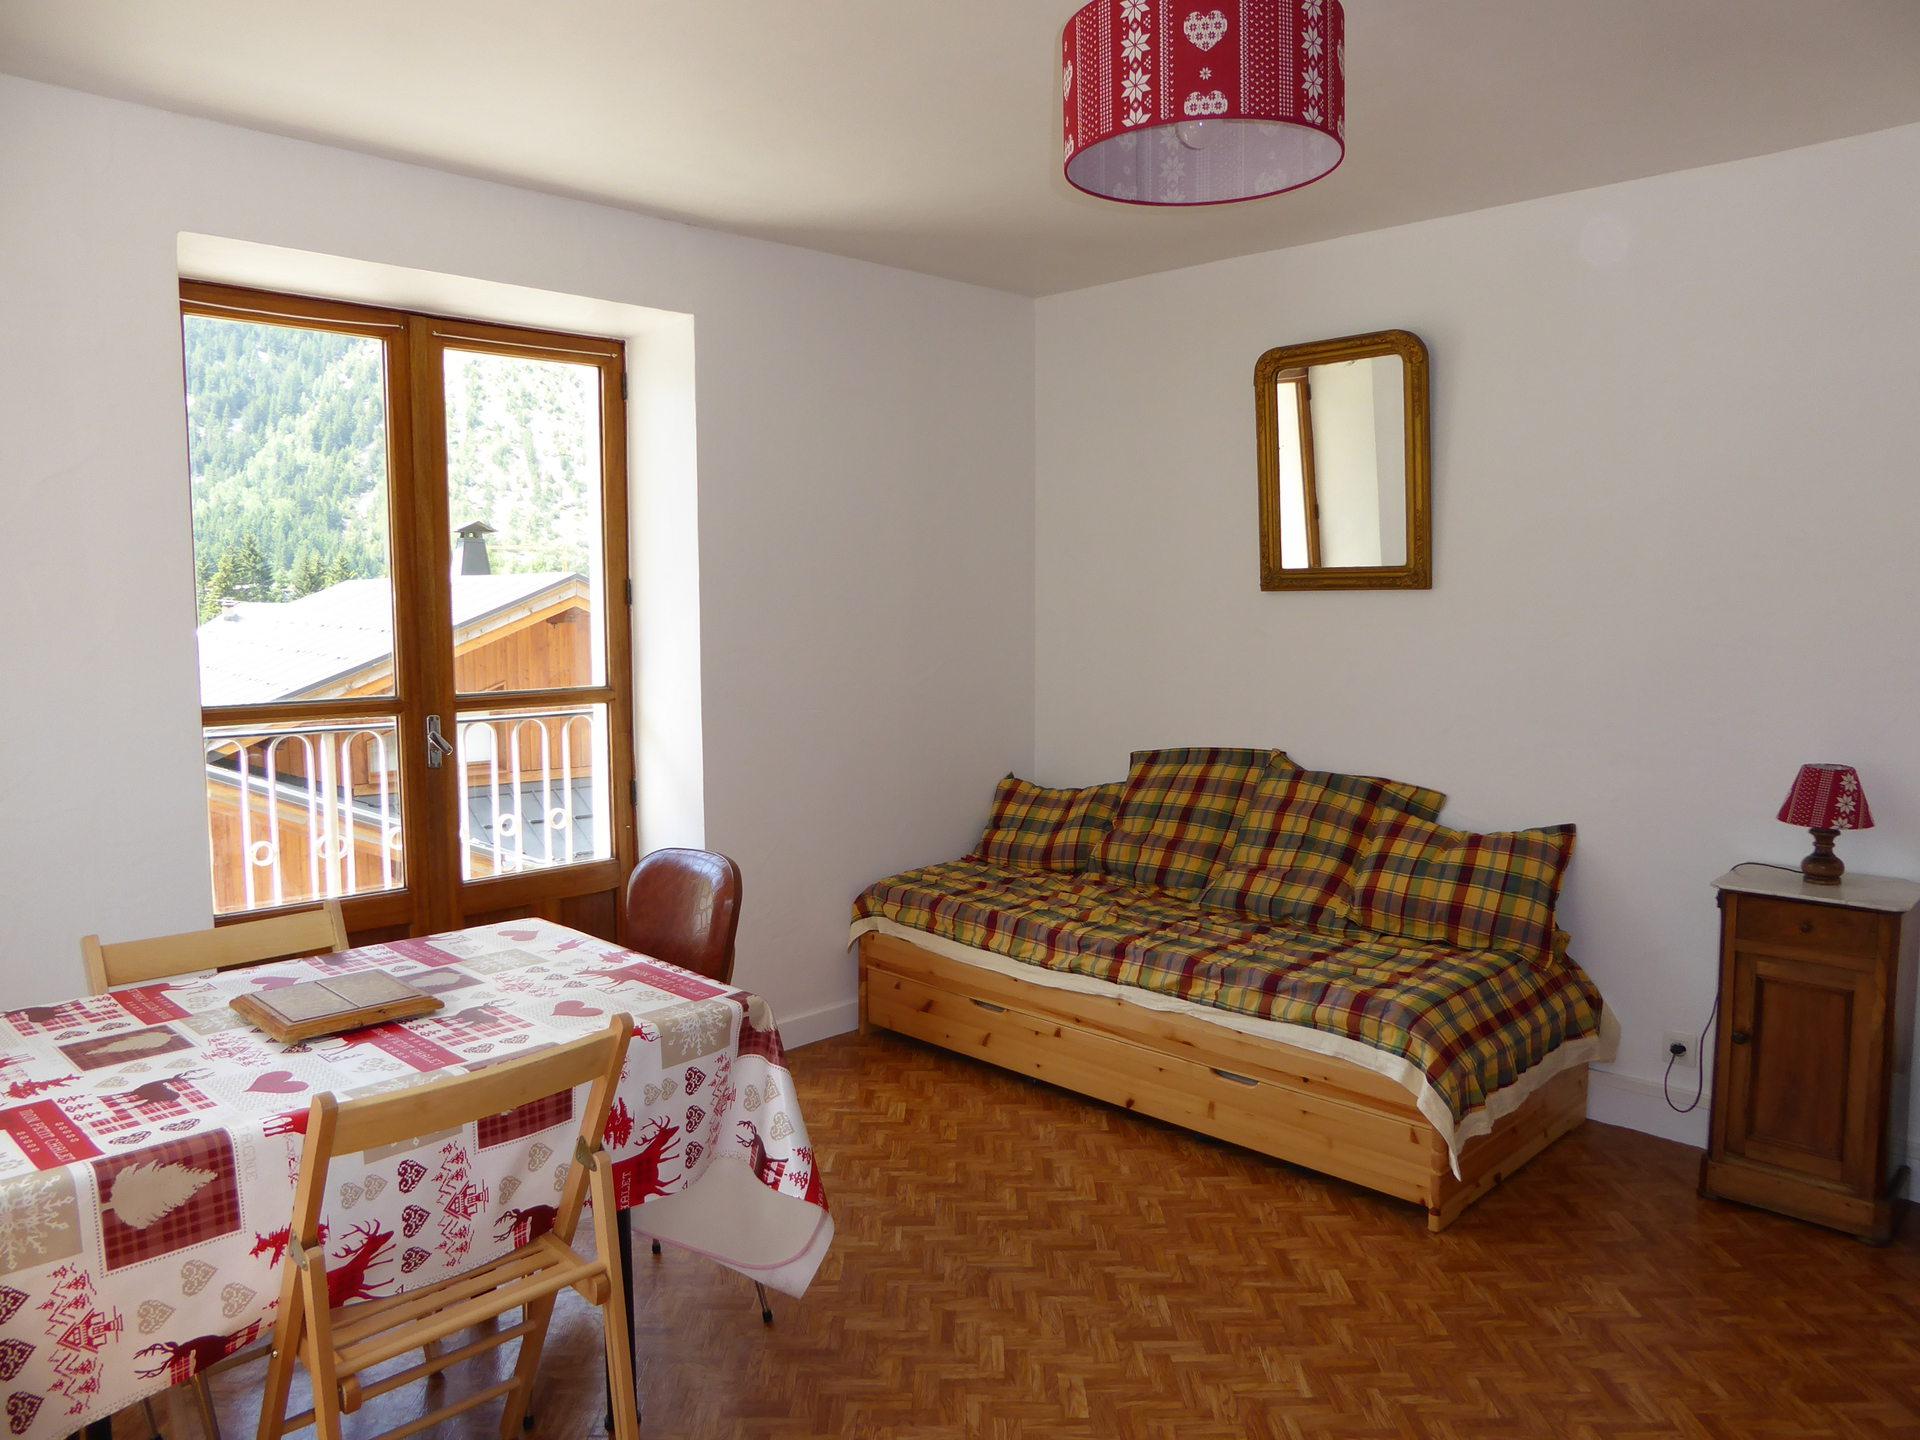 Location référence : PINBIS à Pralognan la Vanoise